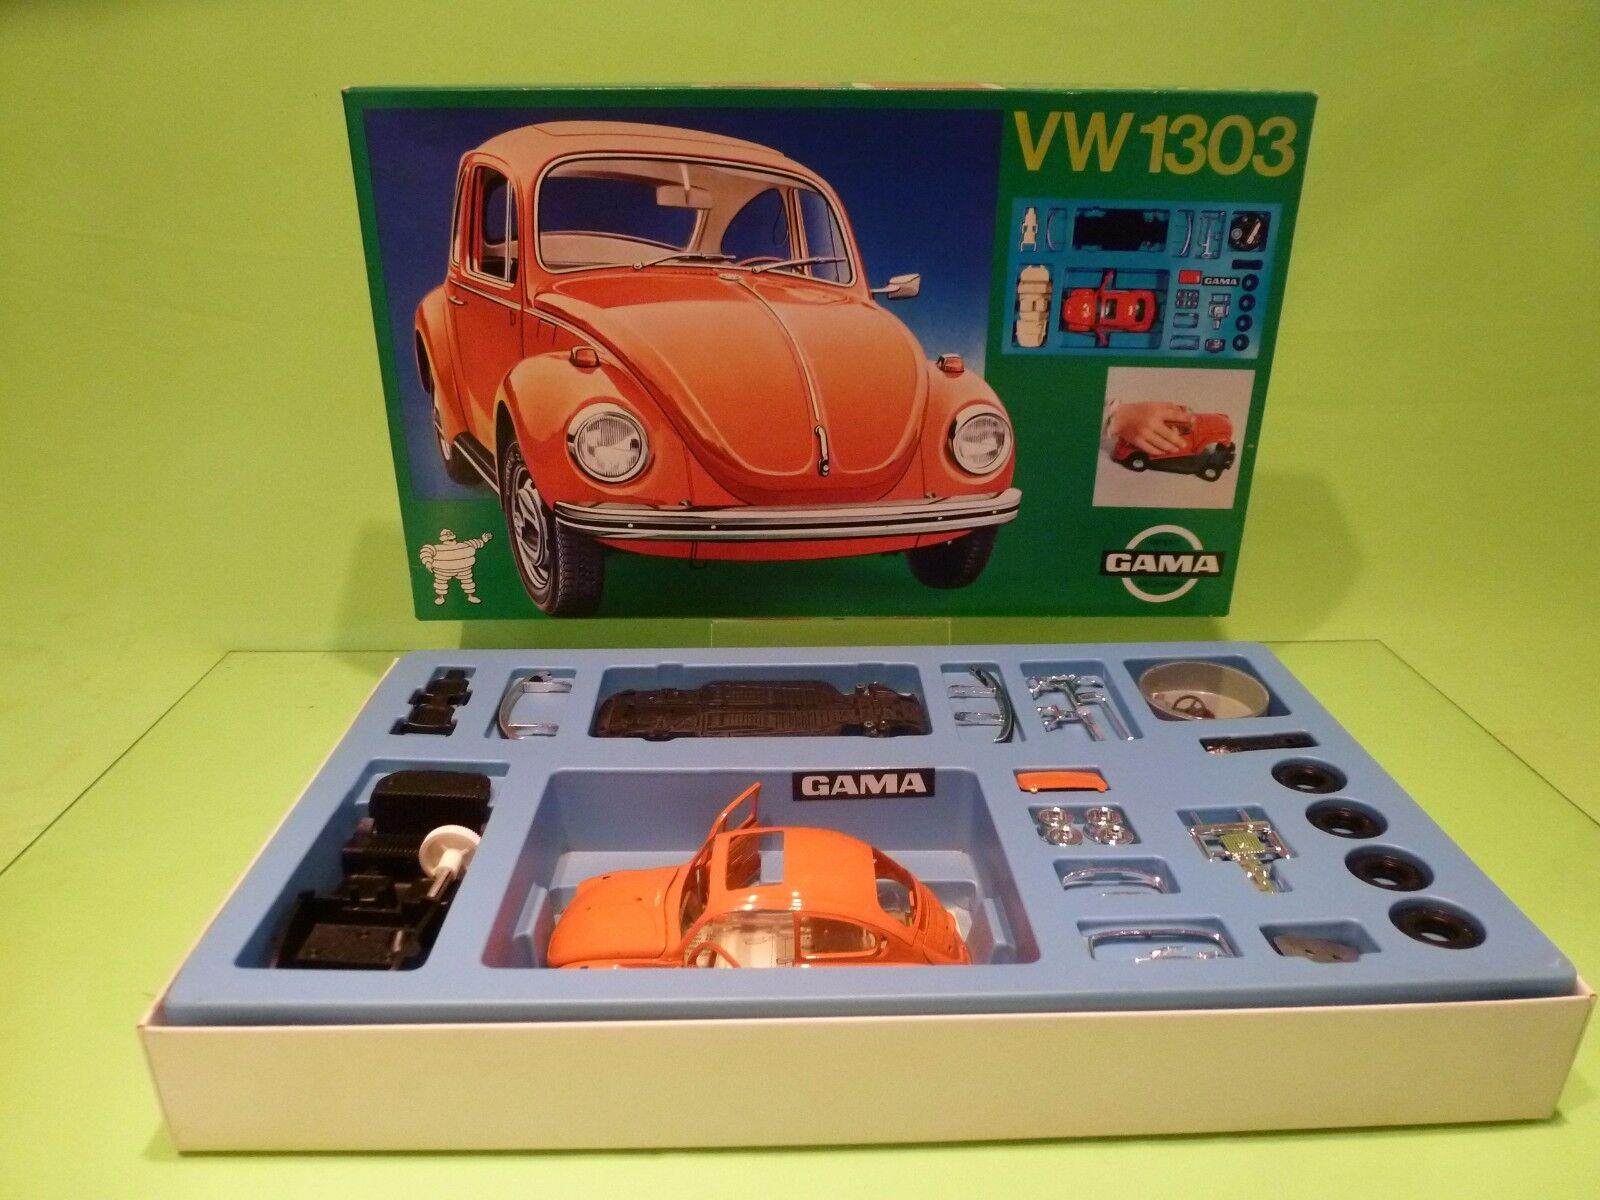 GAMA 4425 KIT (unbuilt) VW VOLKSWAGEN BEETLE 1303 - 1 24 - EXCELLENT IN BOX